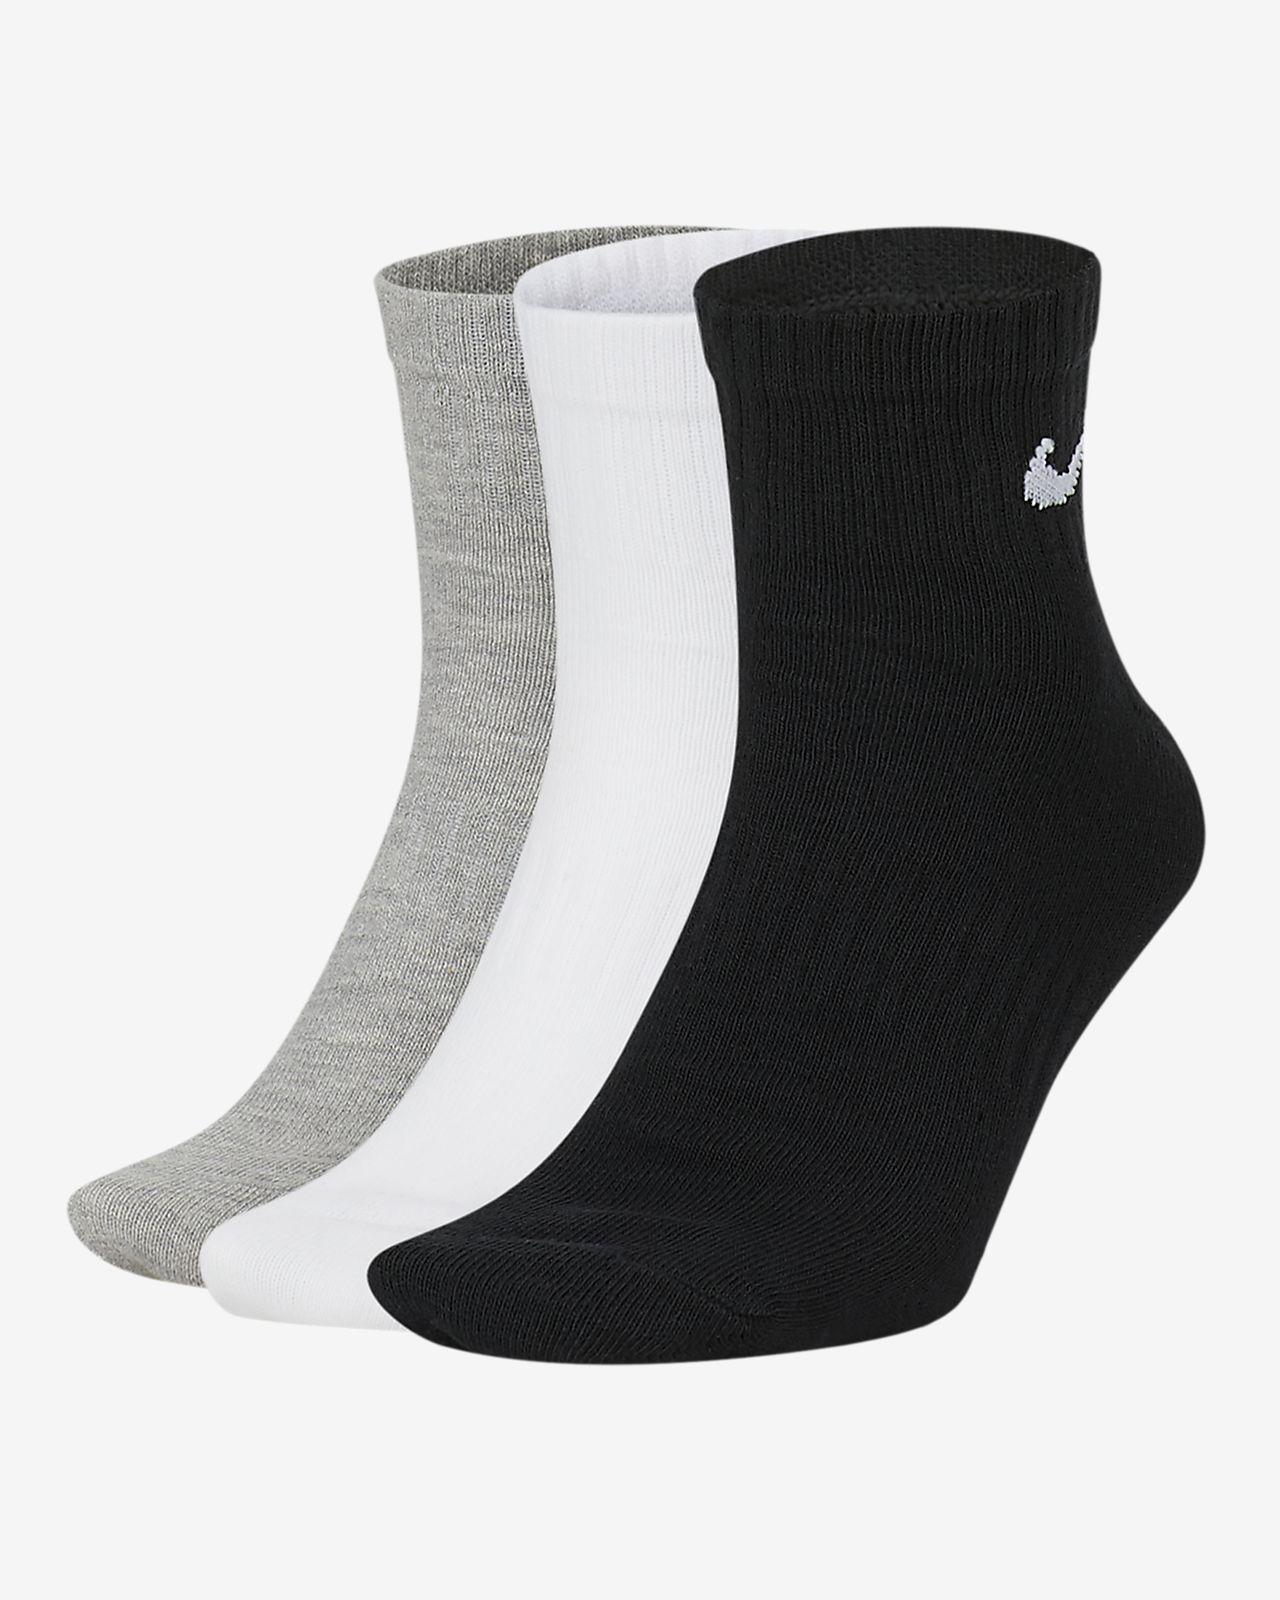 Носки до щиколотки для тренинга Nike Everyday Lightweight (3 пары)